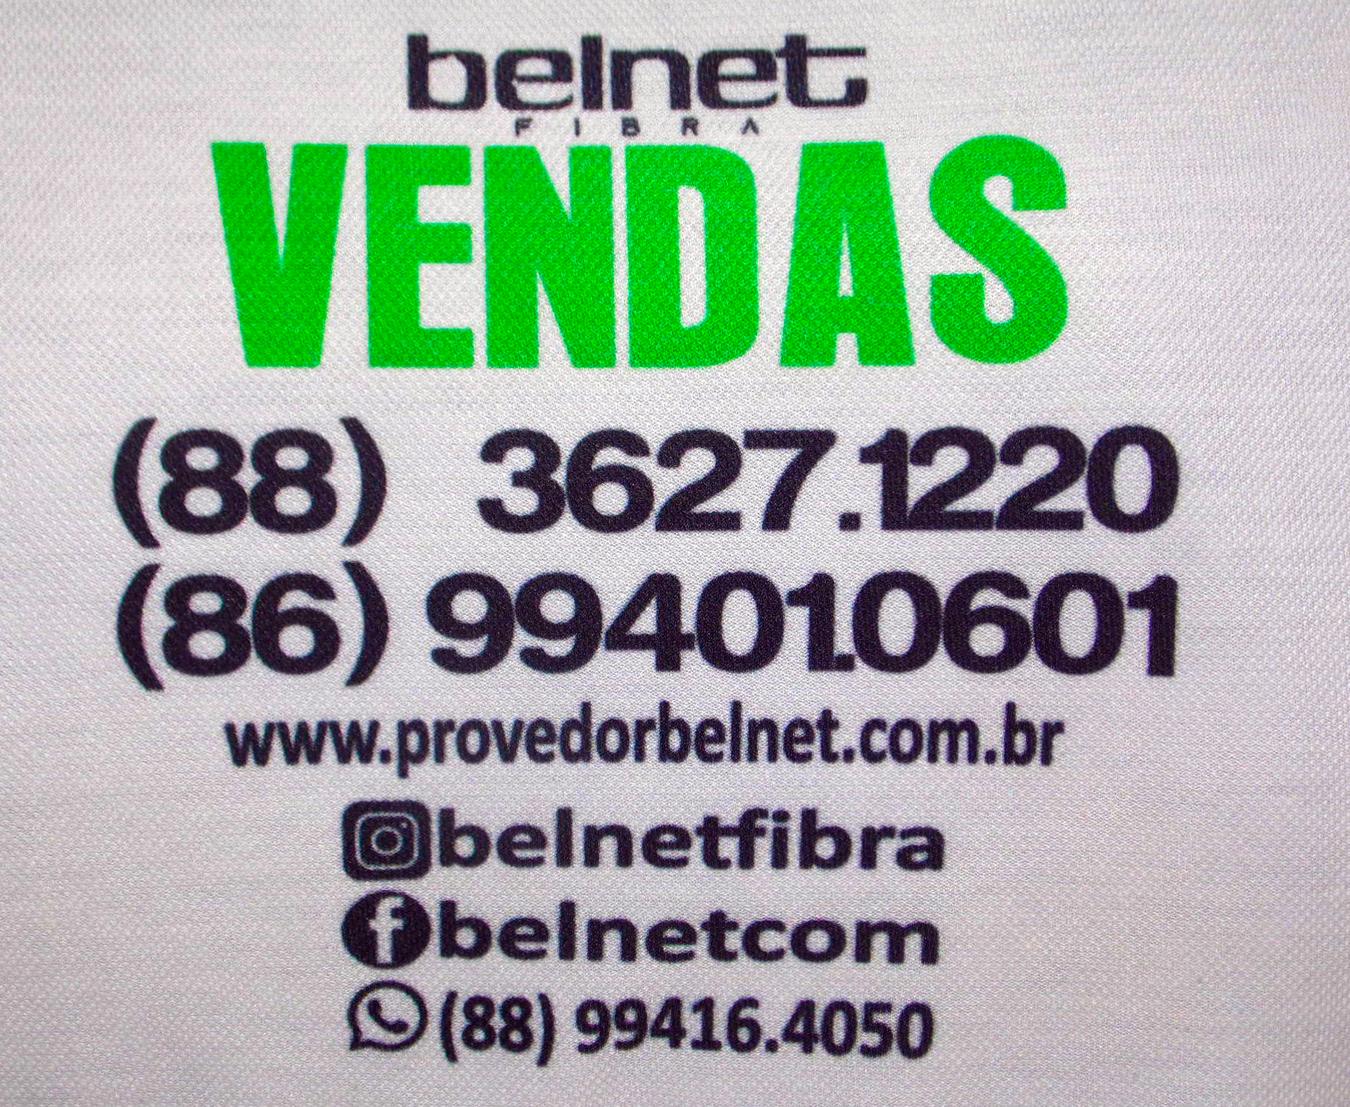 Belnet Fibra estreia serviços de internet fibra ótica em Luís Correia